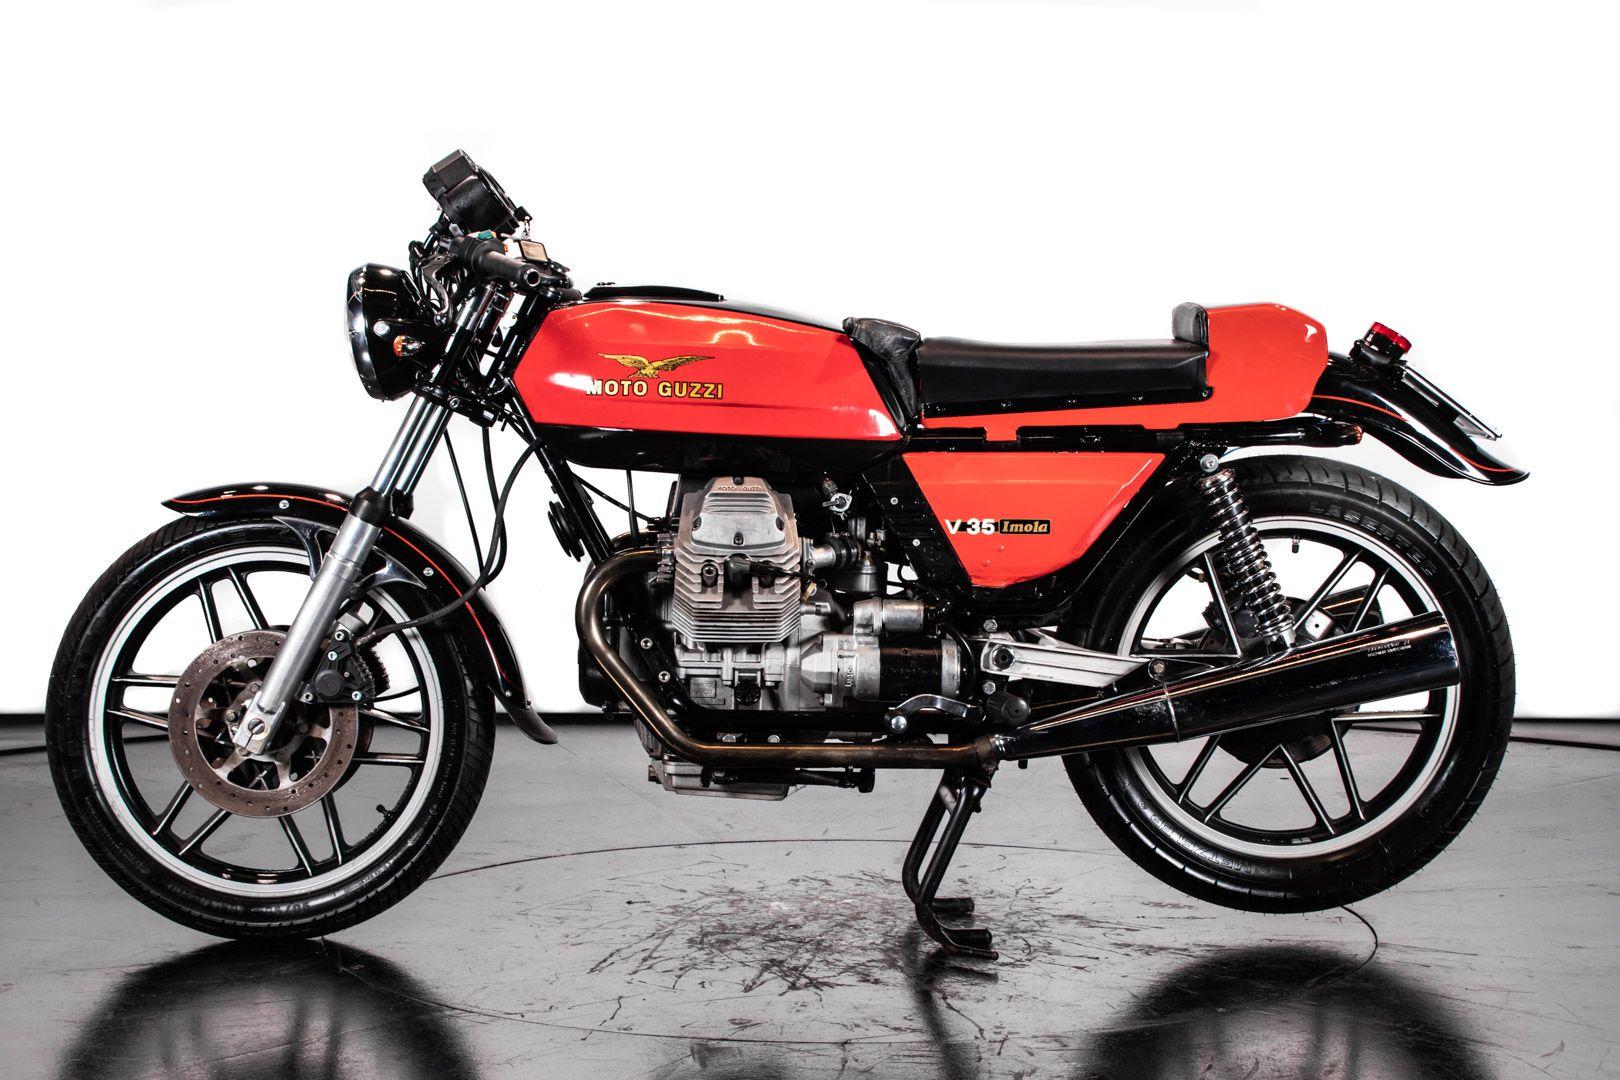 1982 Moto Guzzi V 35 Imola 83520